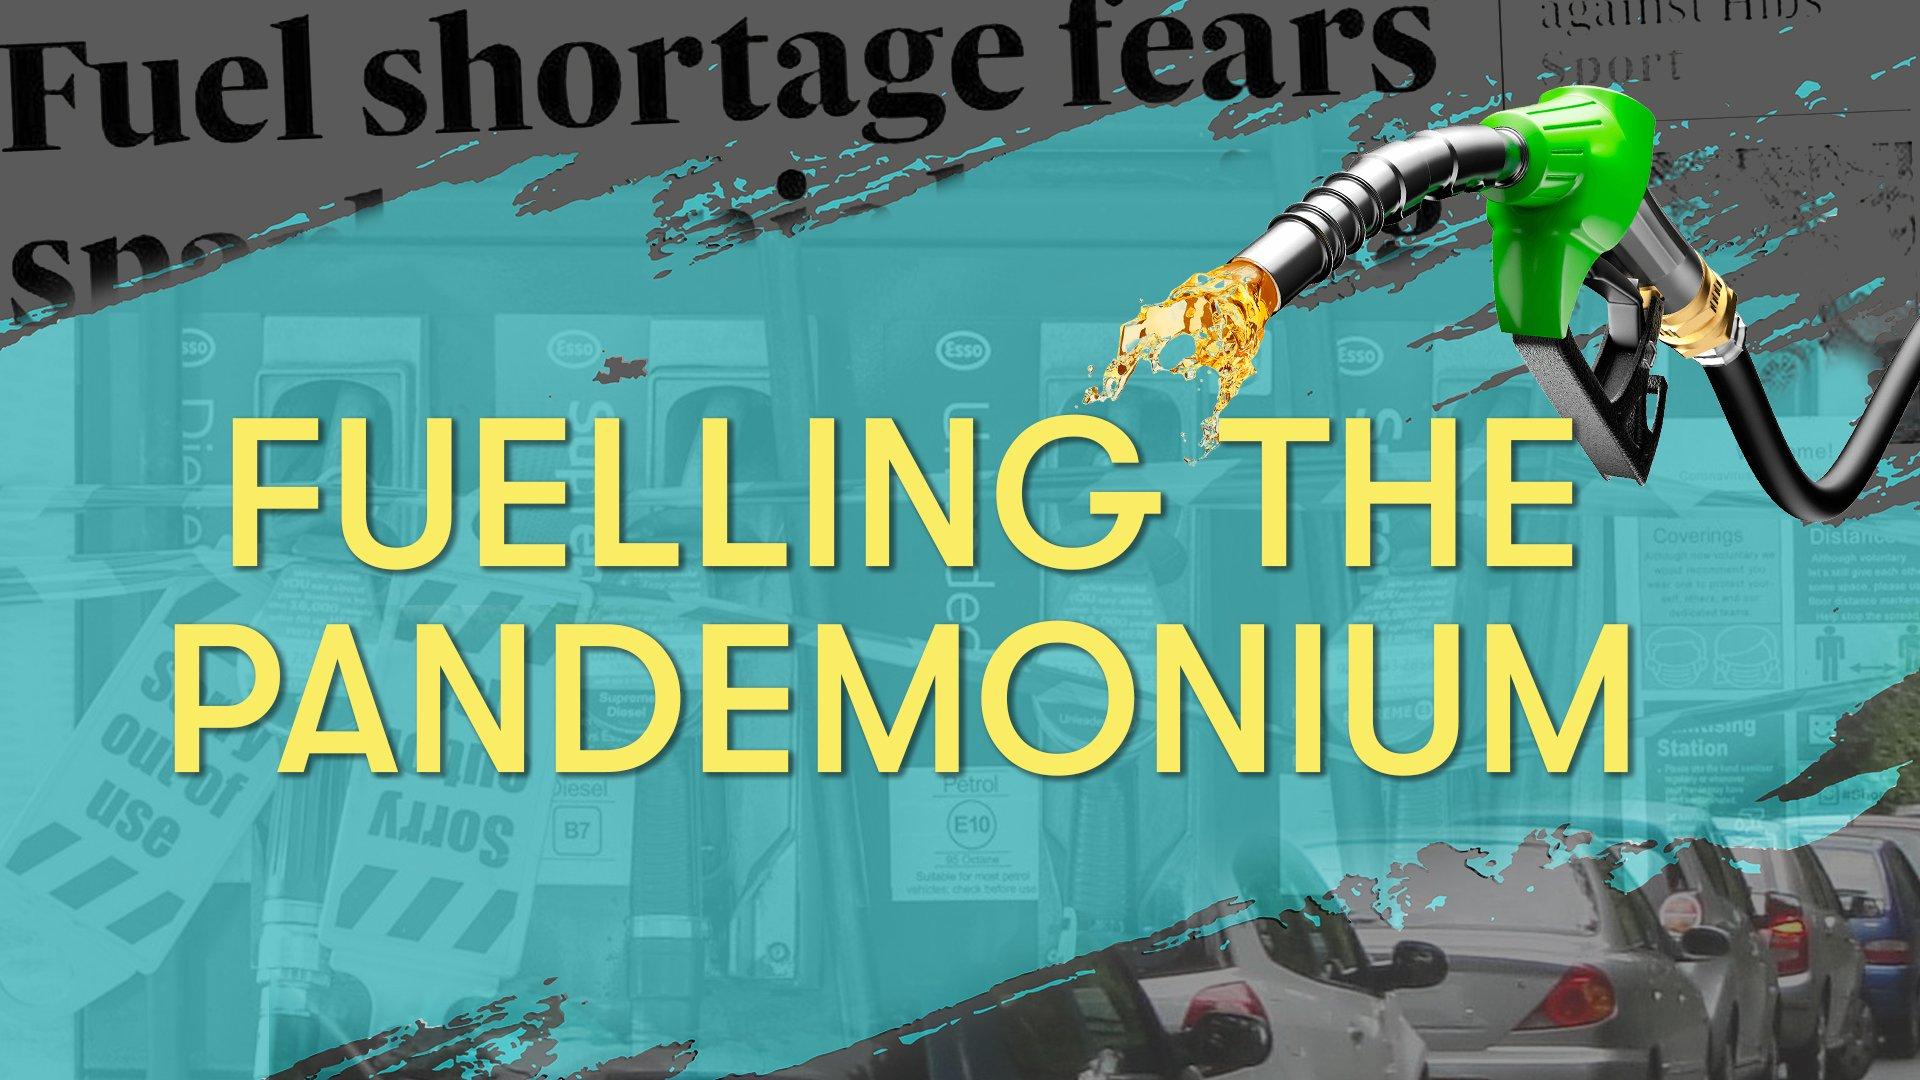 Fuelling the pandemonium